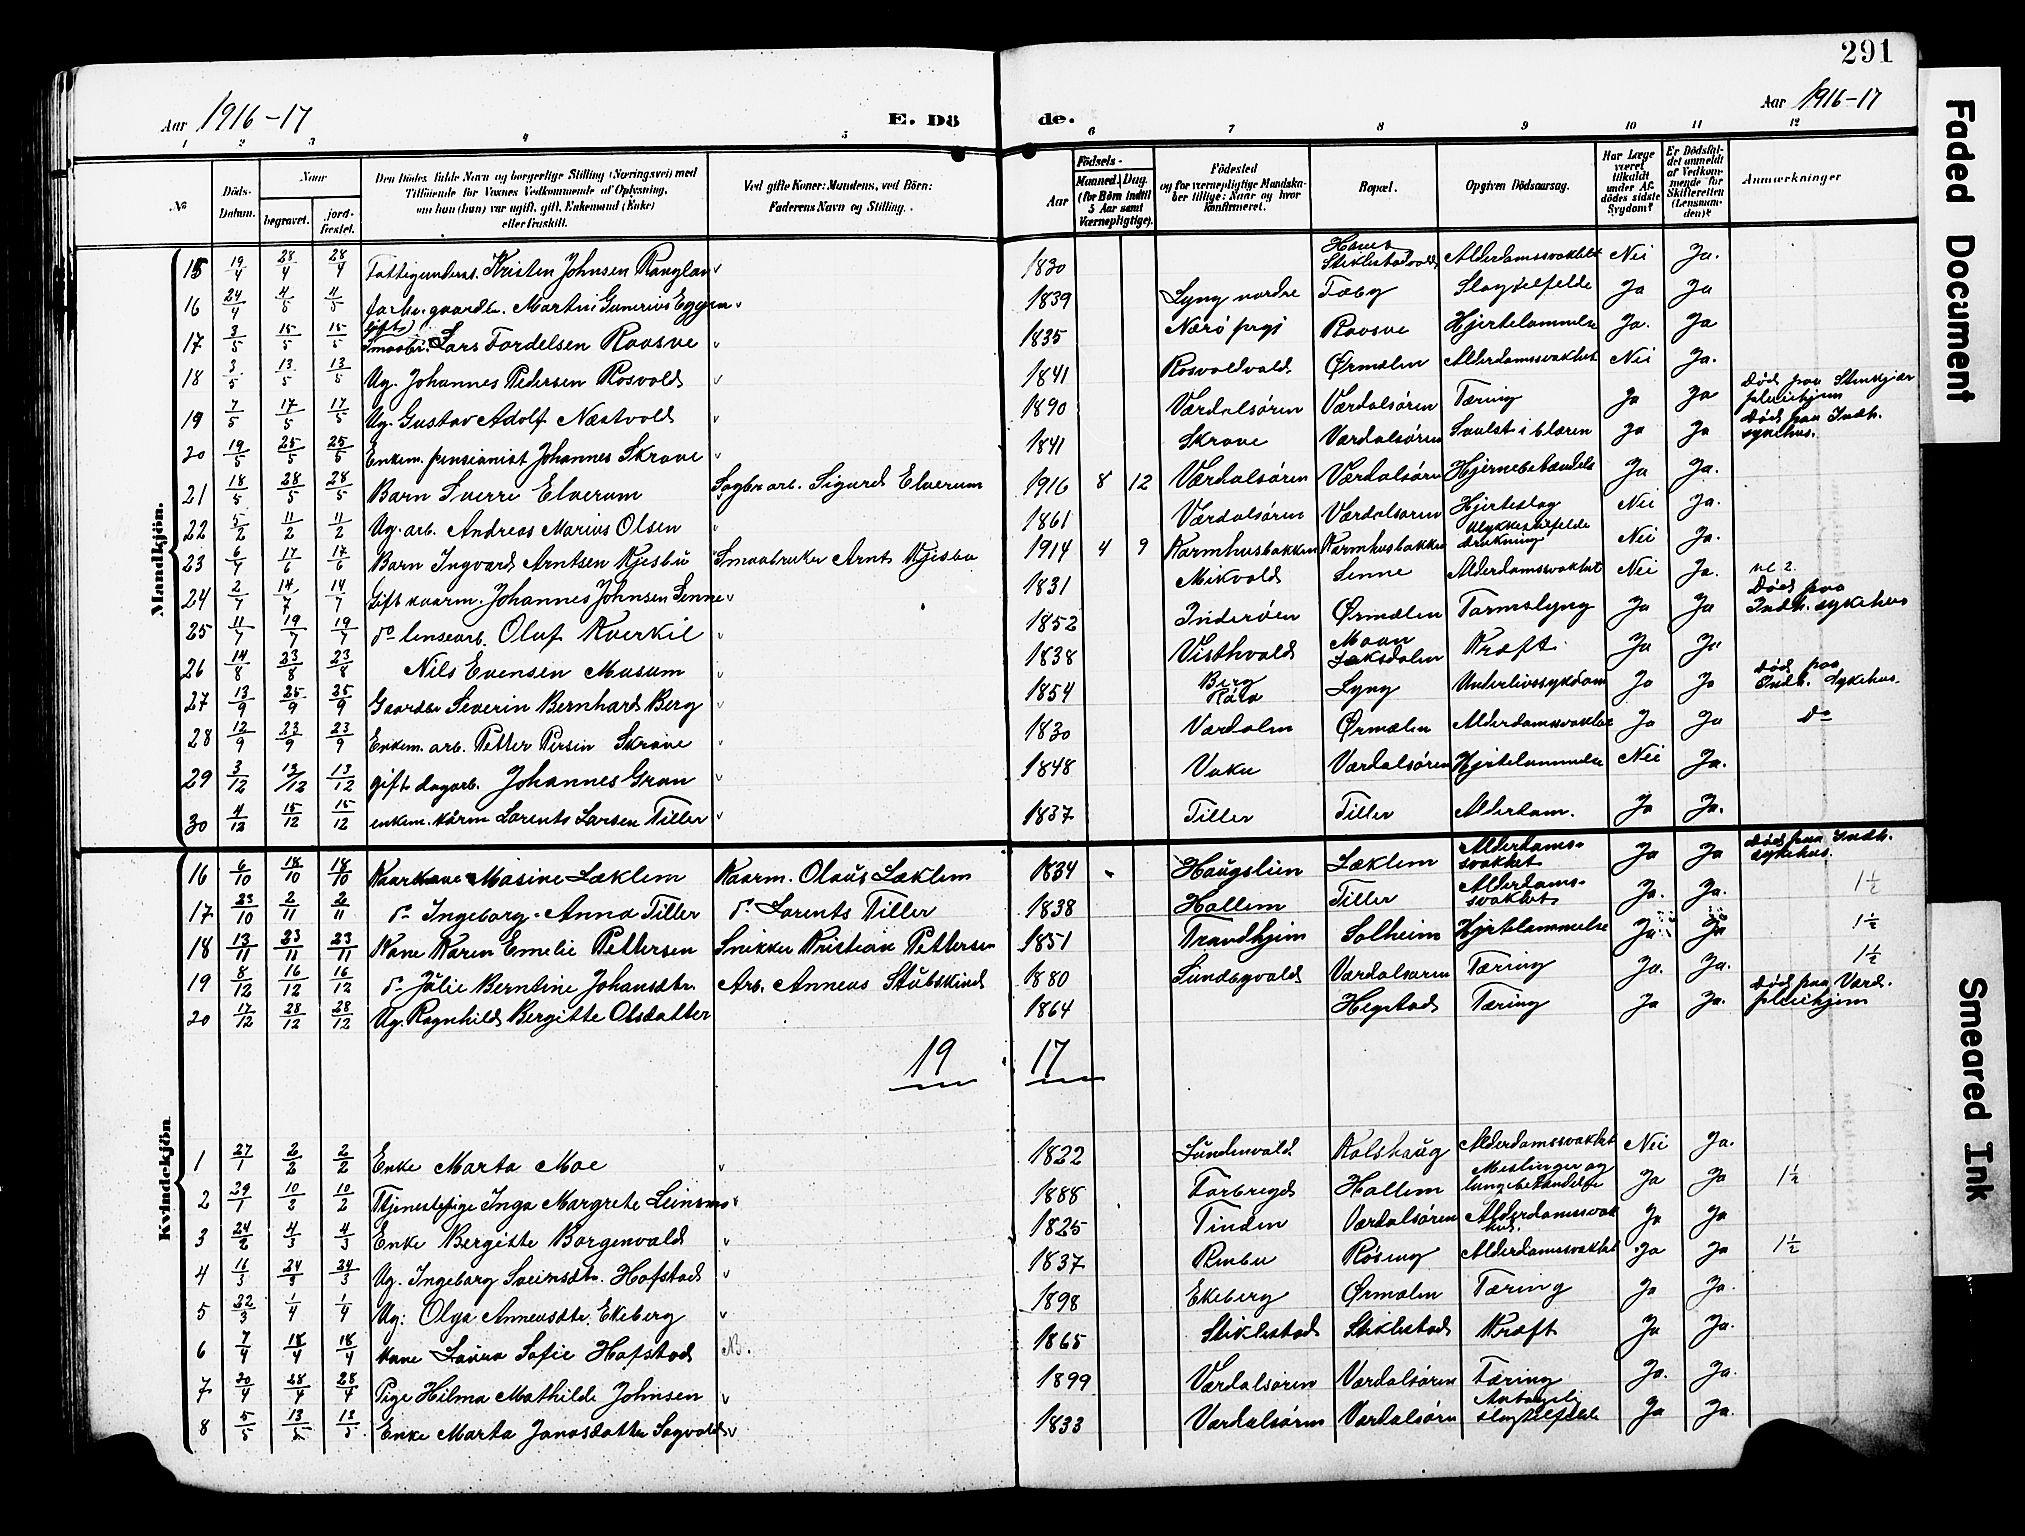 SAT, Ministerialprotokoller, klokkerbøker og fødselsregistre - Nord-Trøndelag, 723/L0258: Klokkerbok nr. 723C06, 1908-1927, s. 291